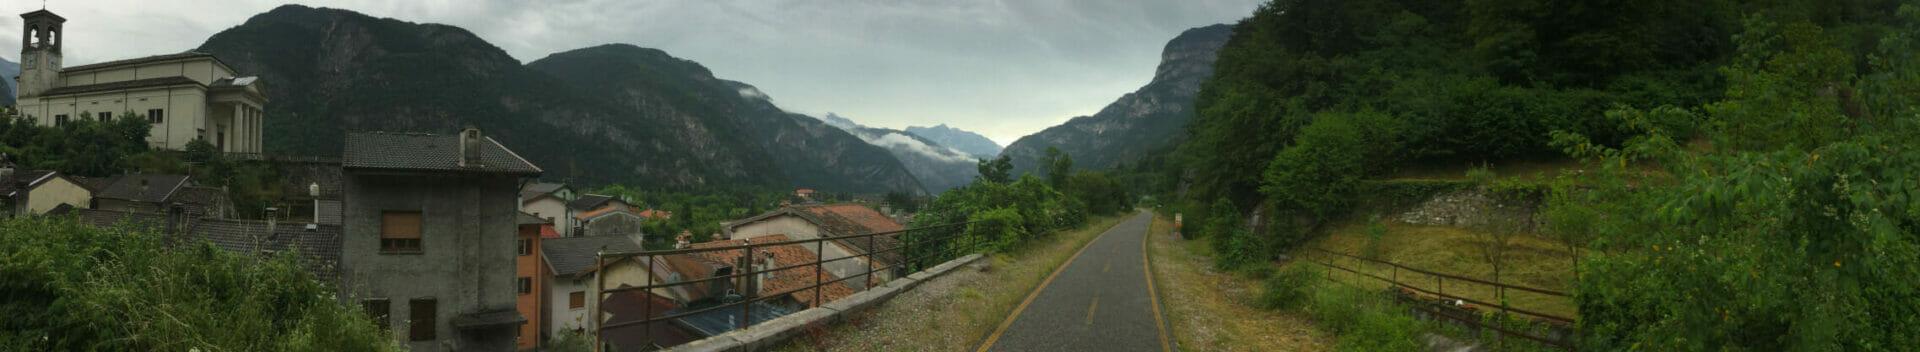 Alpe-Adria-Radweg Chiusaforte Panorama